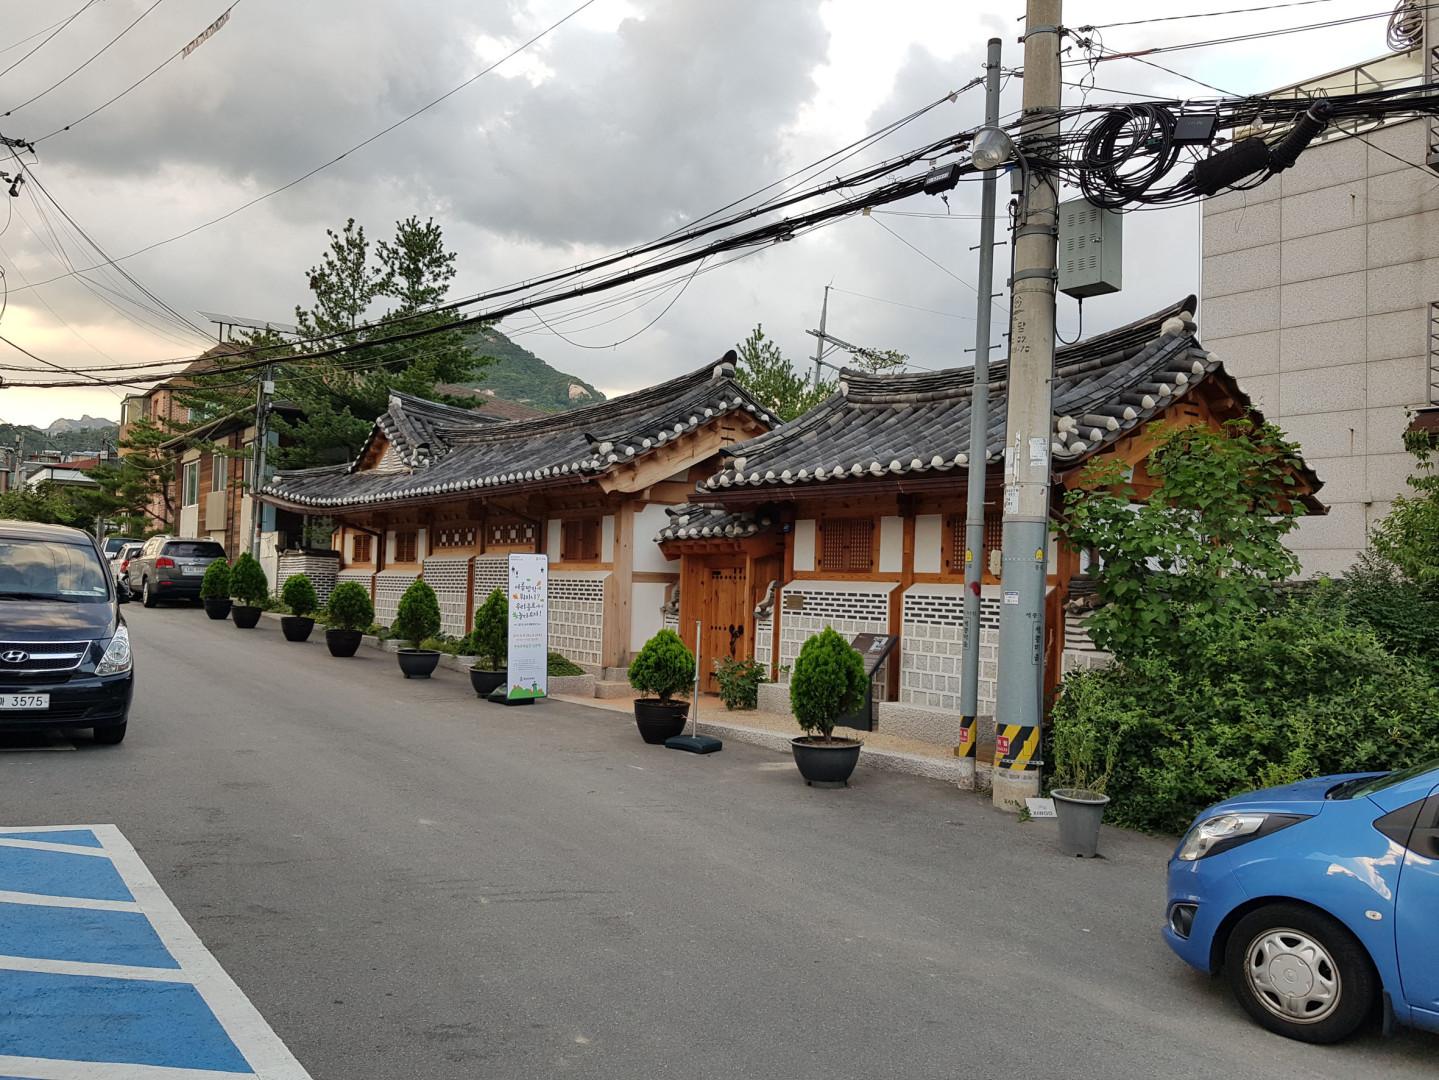 서촌의 오래된 골목길 사진